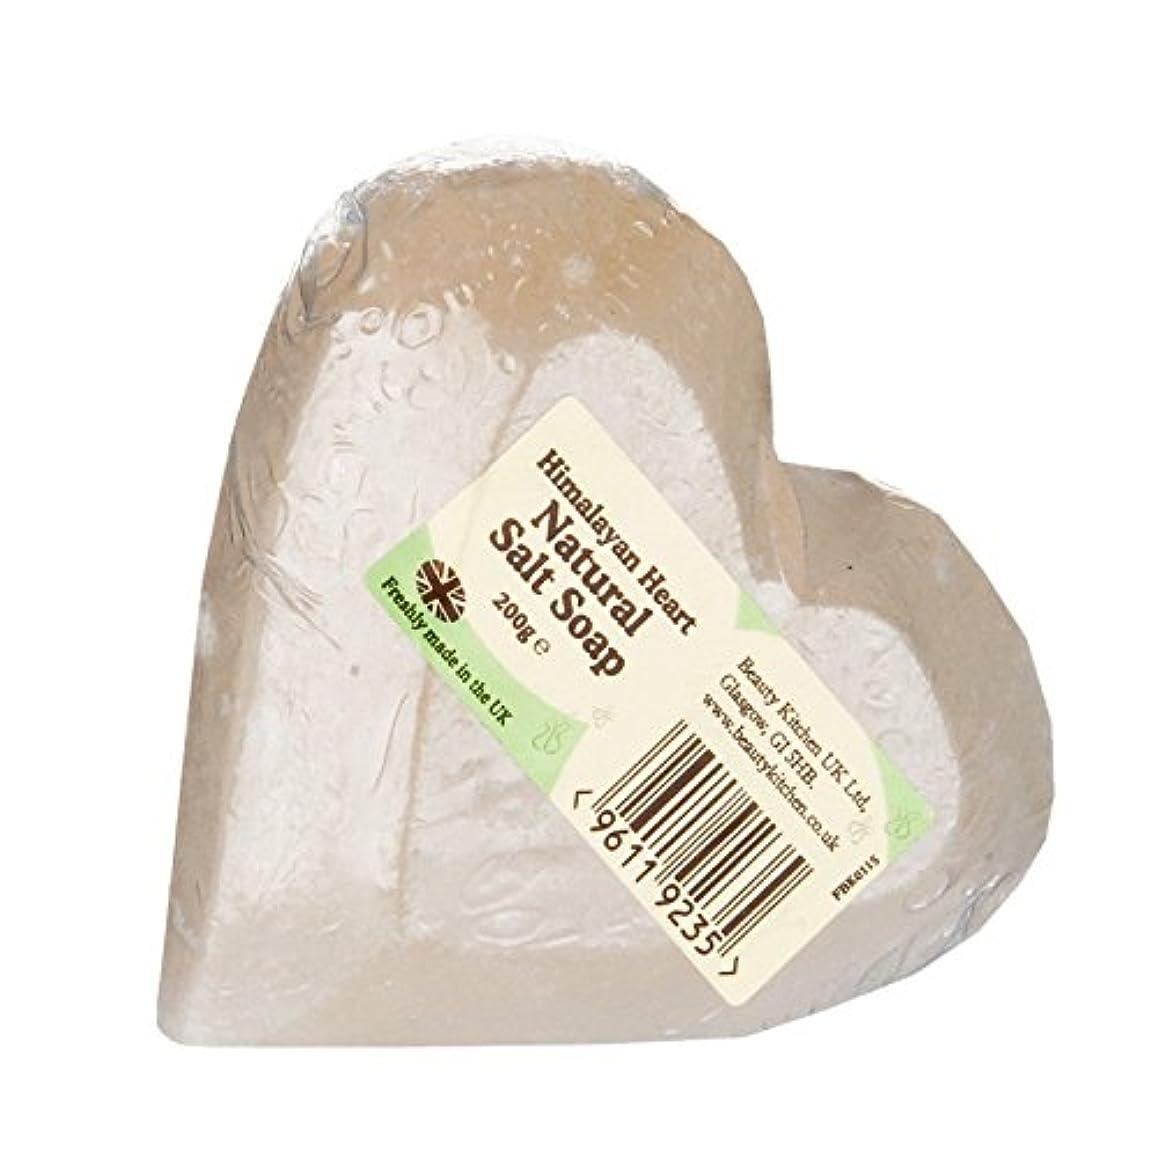 ビル悪党常習的Beauty Kitchen Himalayan Heart Soap 200g (Pack of 2) - 美容キッチンヒマラヤンハートソープ200グラム (x2) [並行輸入品]